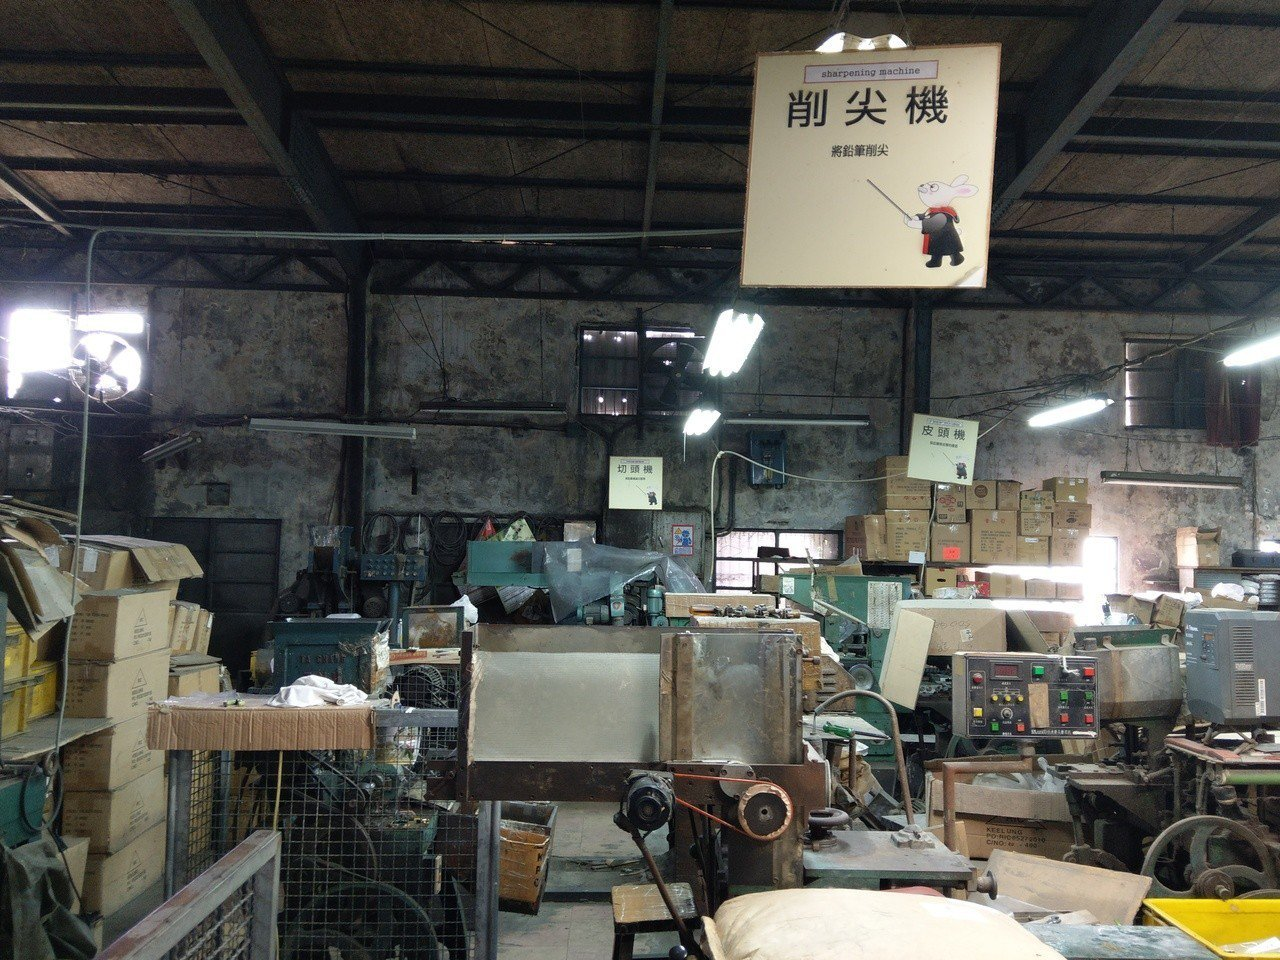 宜蘭「玉兔鉛筆學校」是家老字號的觀光工廠,獨一無二的鉛筆生產製程開放參觀。記者戴...